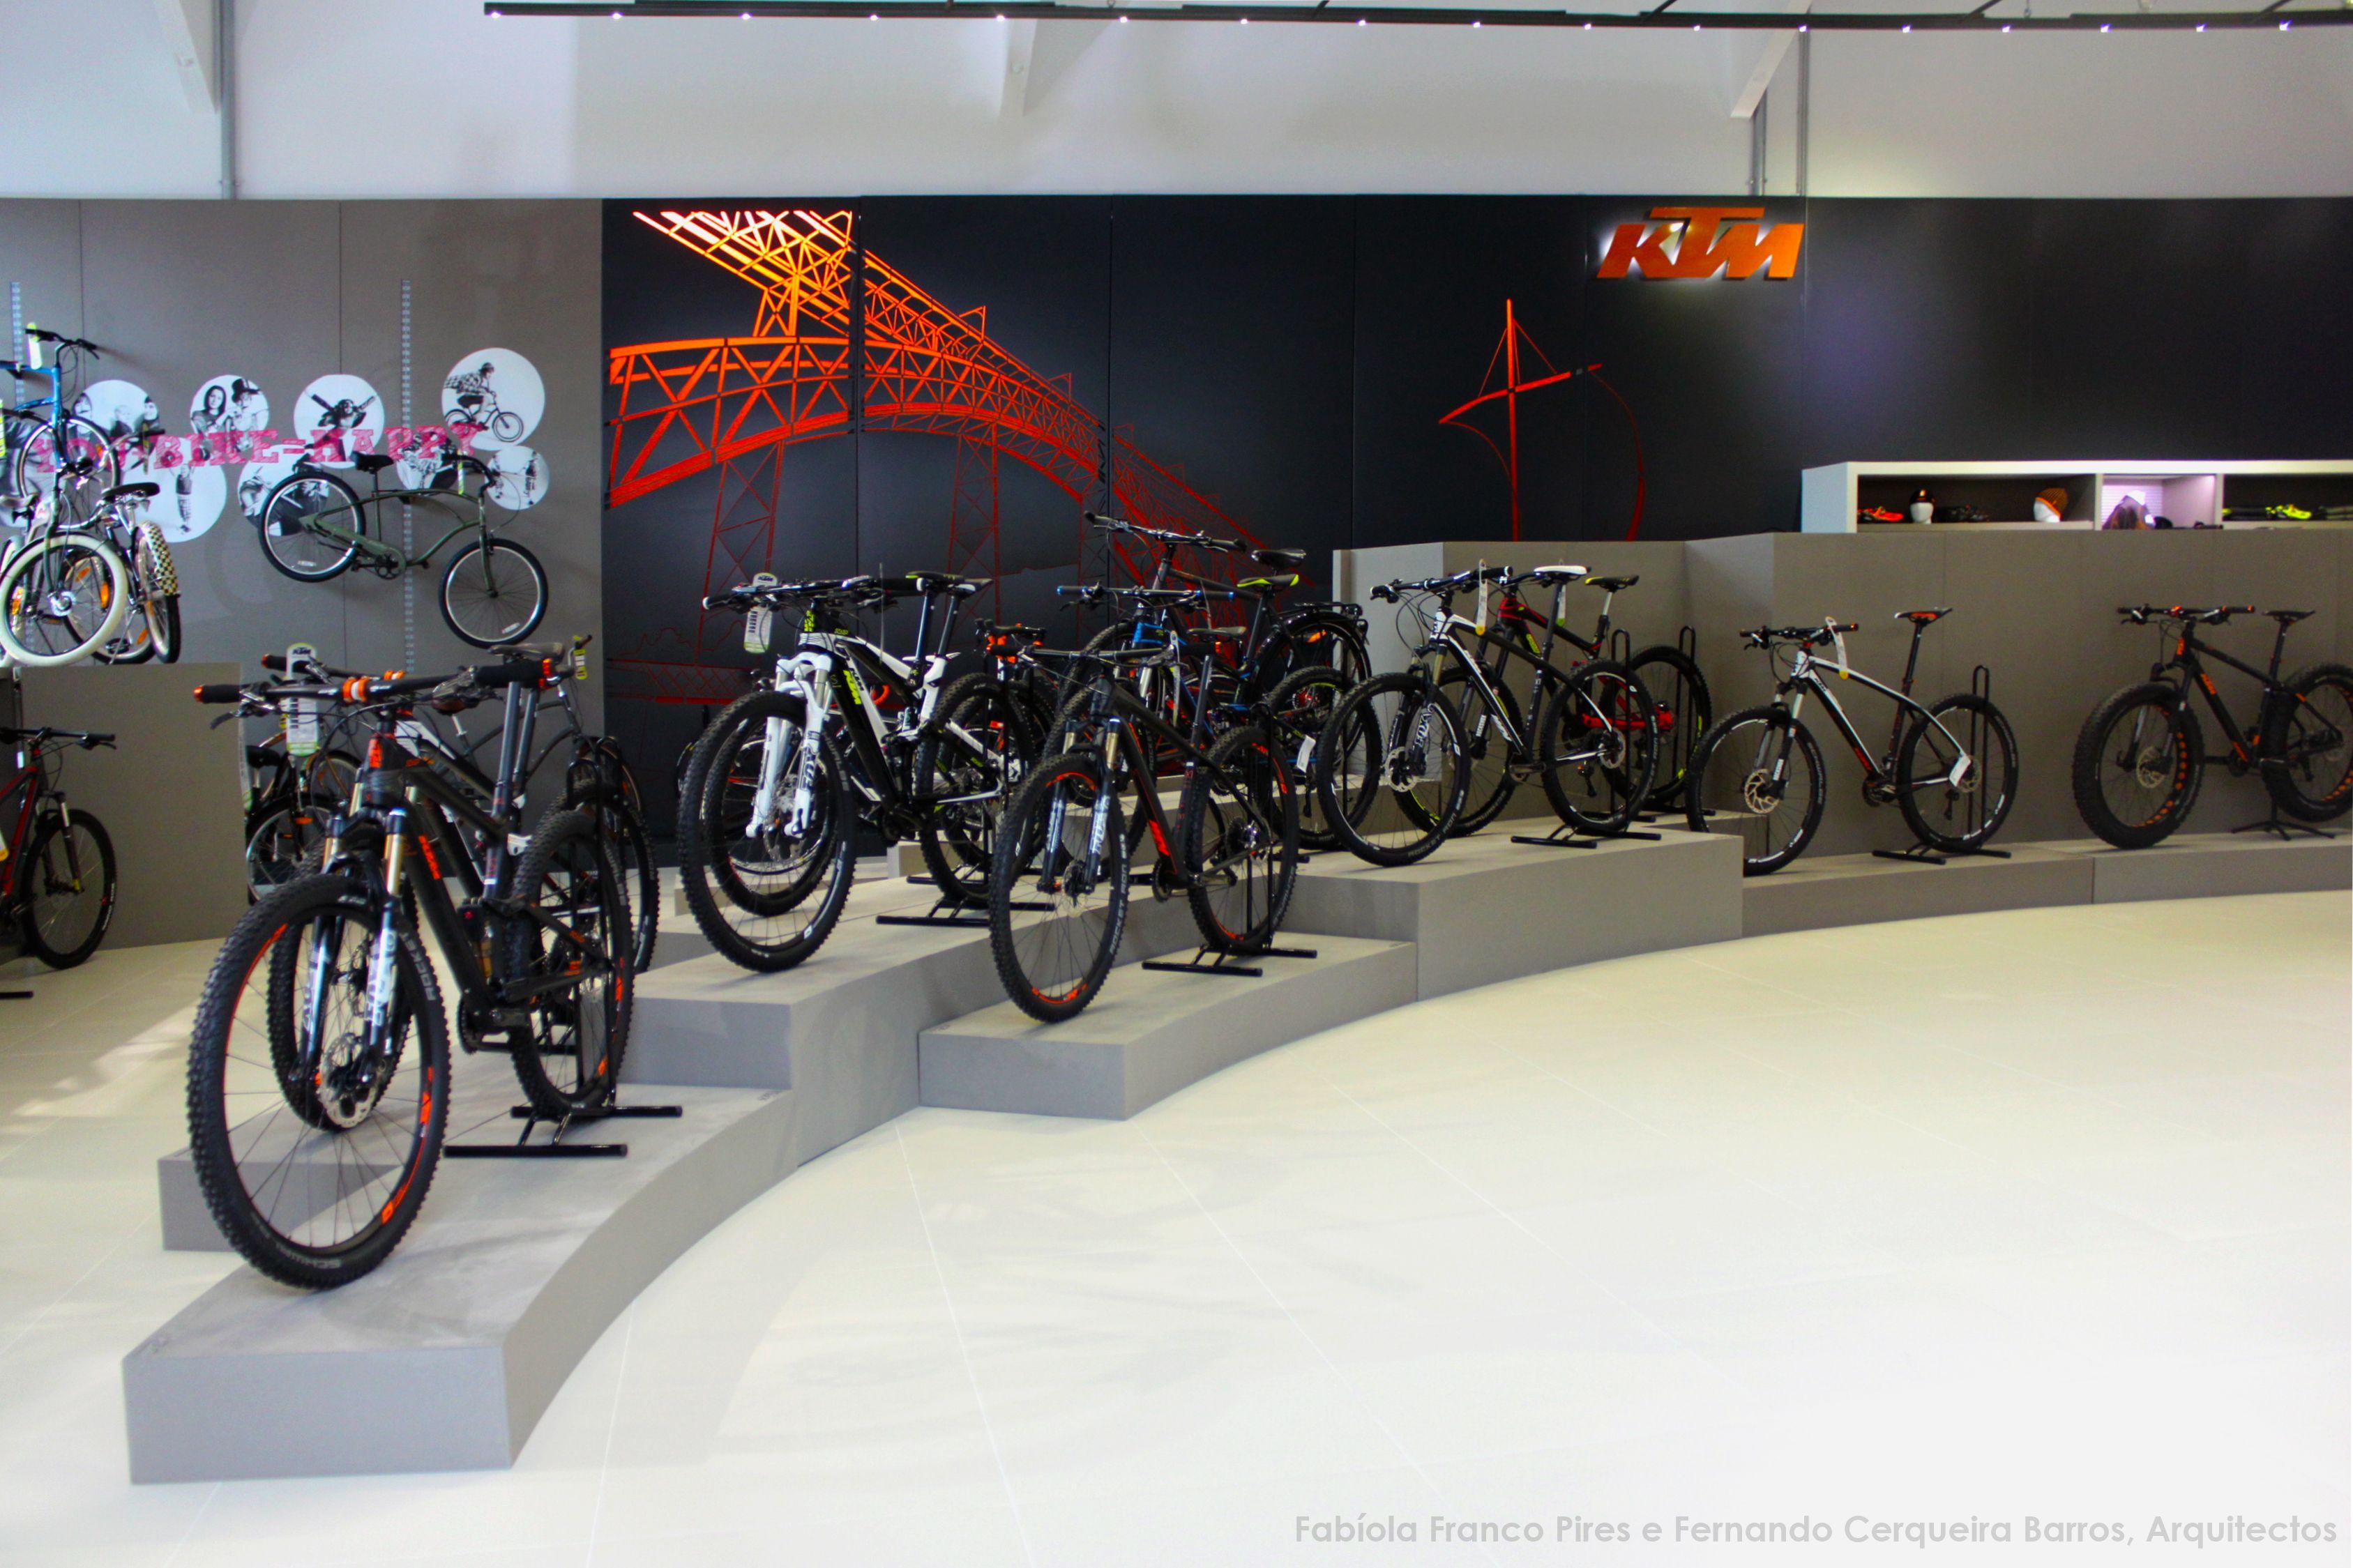 Loja Ktm Bicicletas Coelho Porto Em Colaboracao Com Fernando